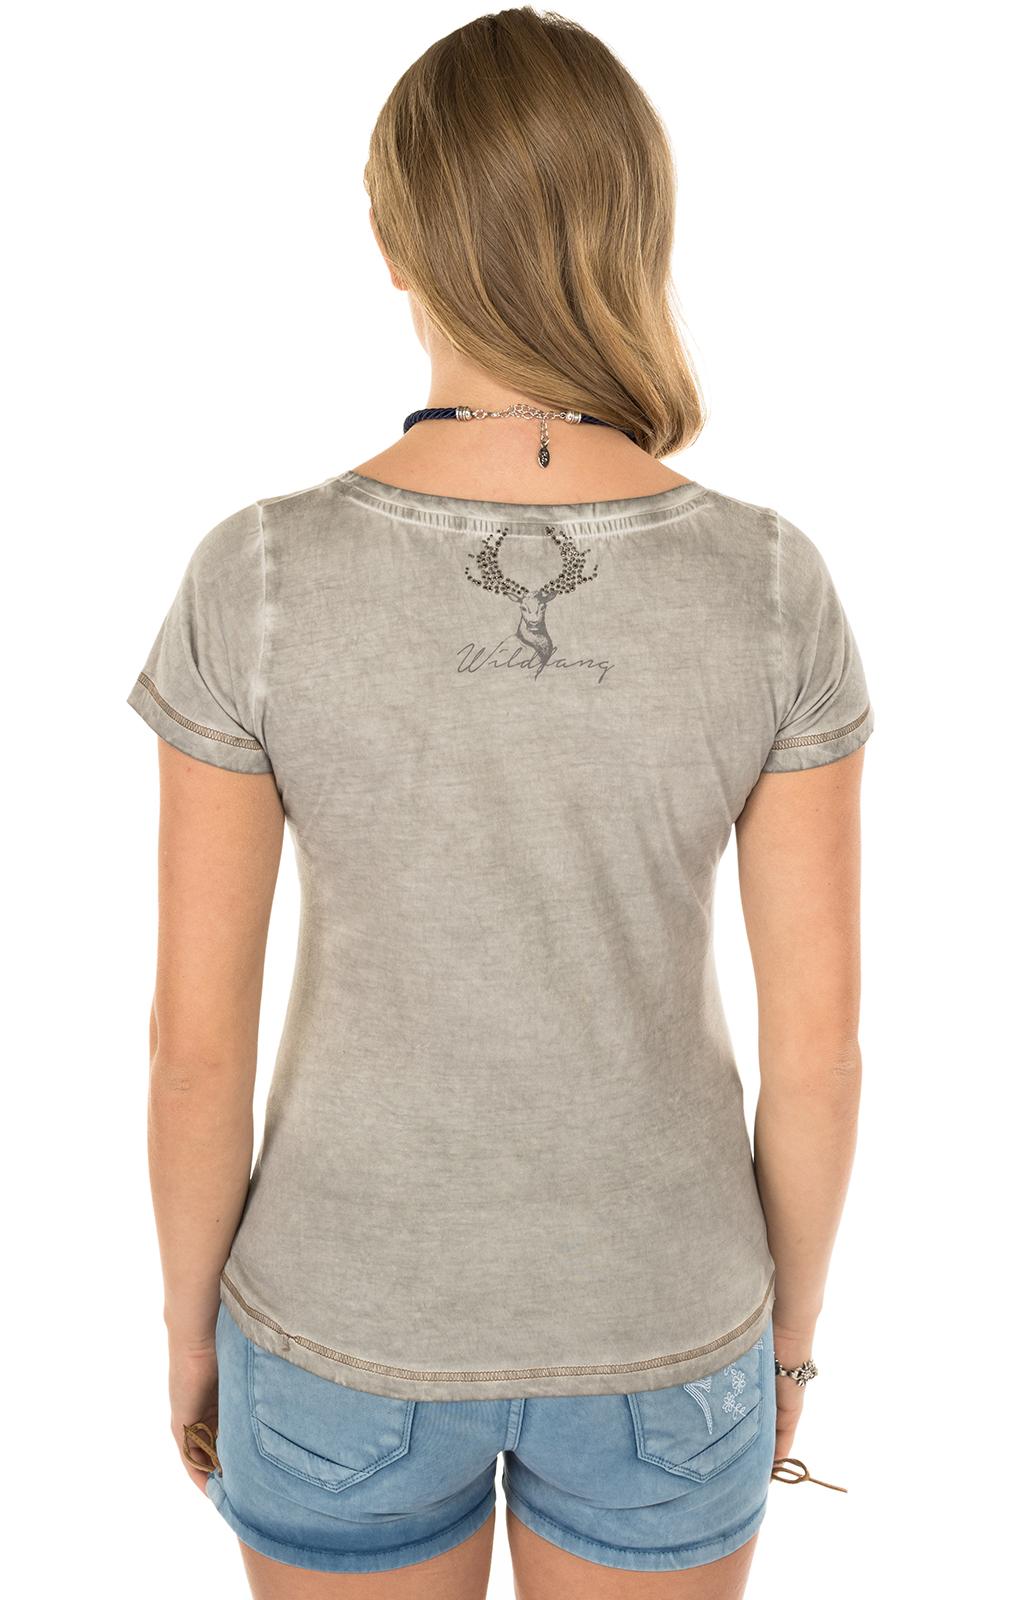 weitere Bilder von Trachten Shirt K02-SILBERHIRSCH gray